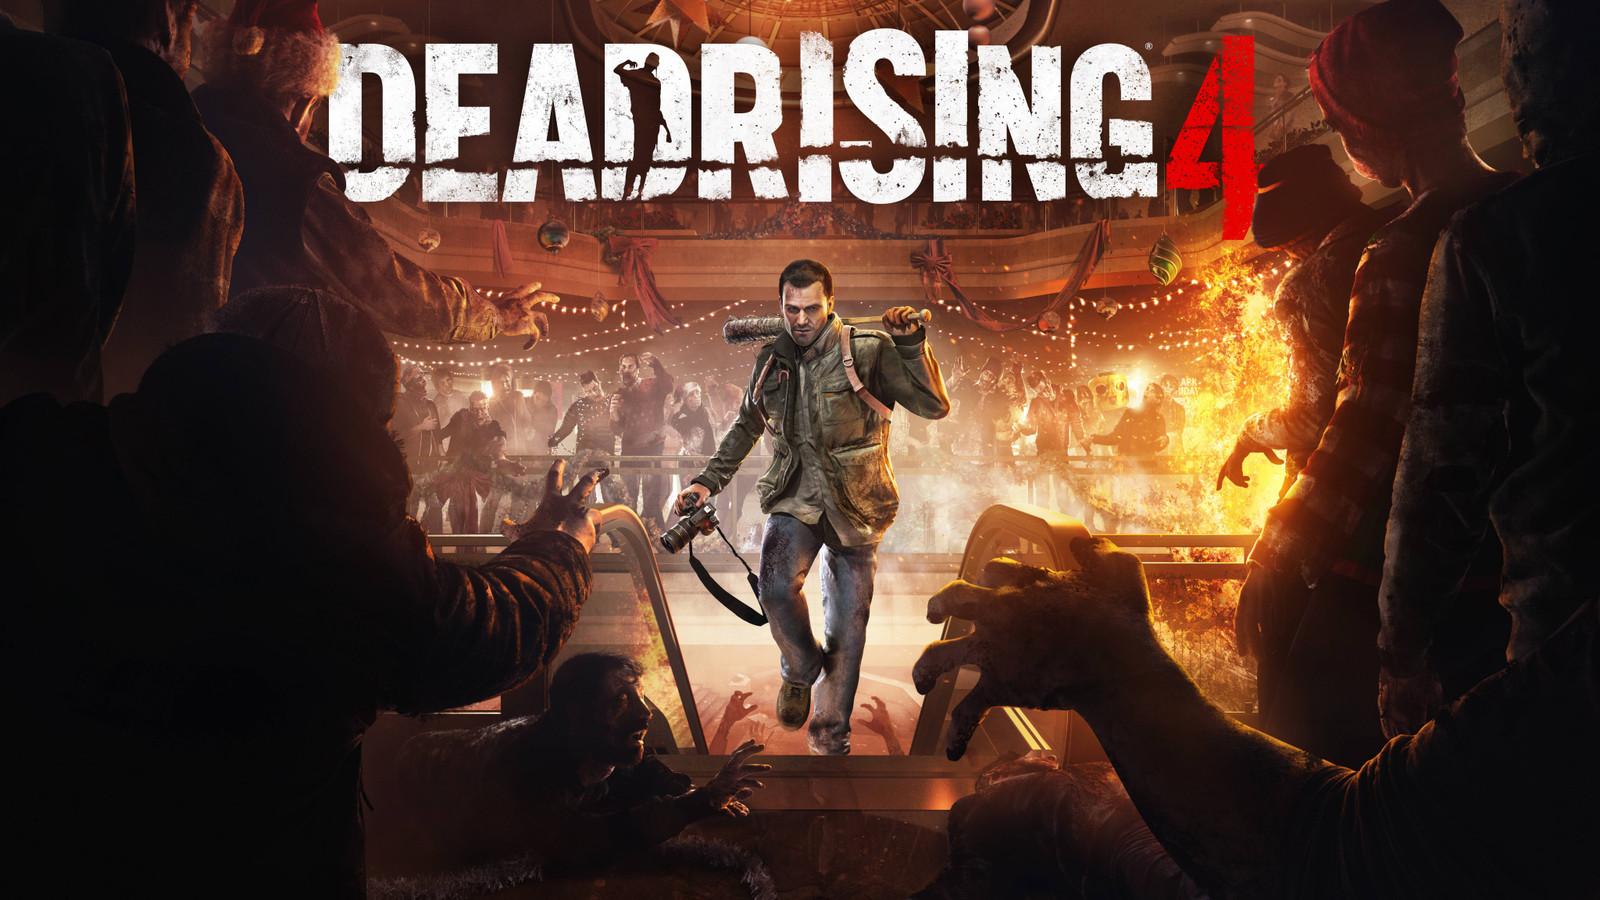 รีวิว Dead Rising 4 เกมกระทืบซอมบี้